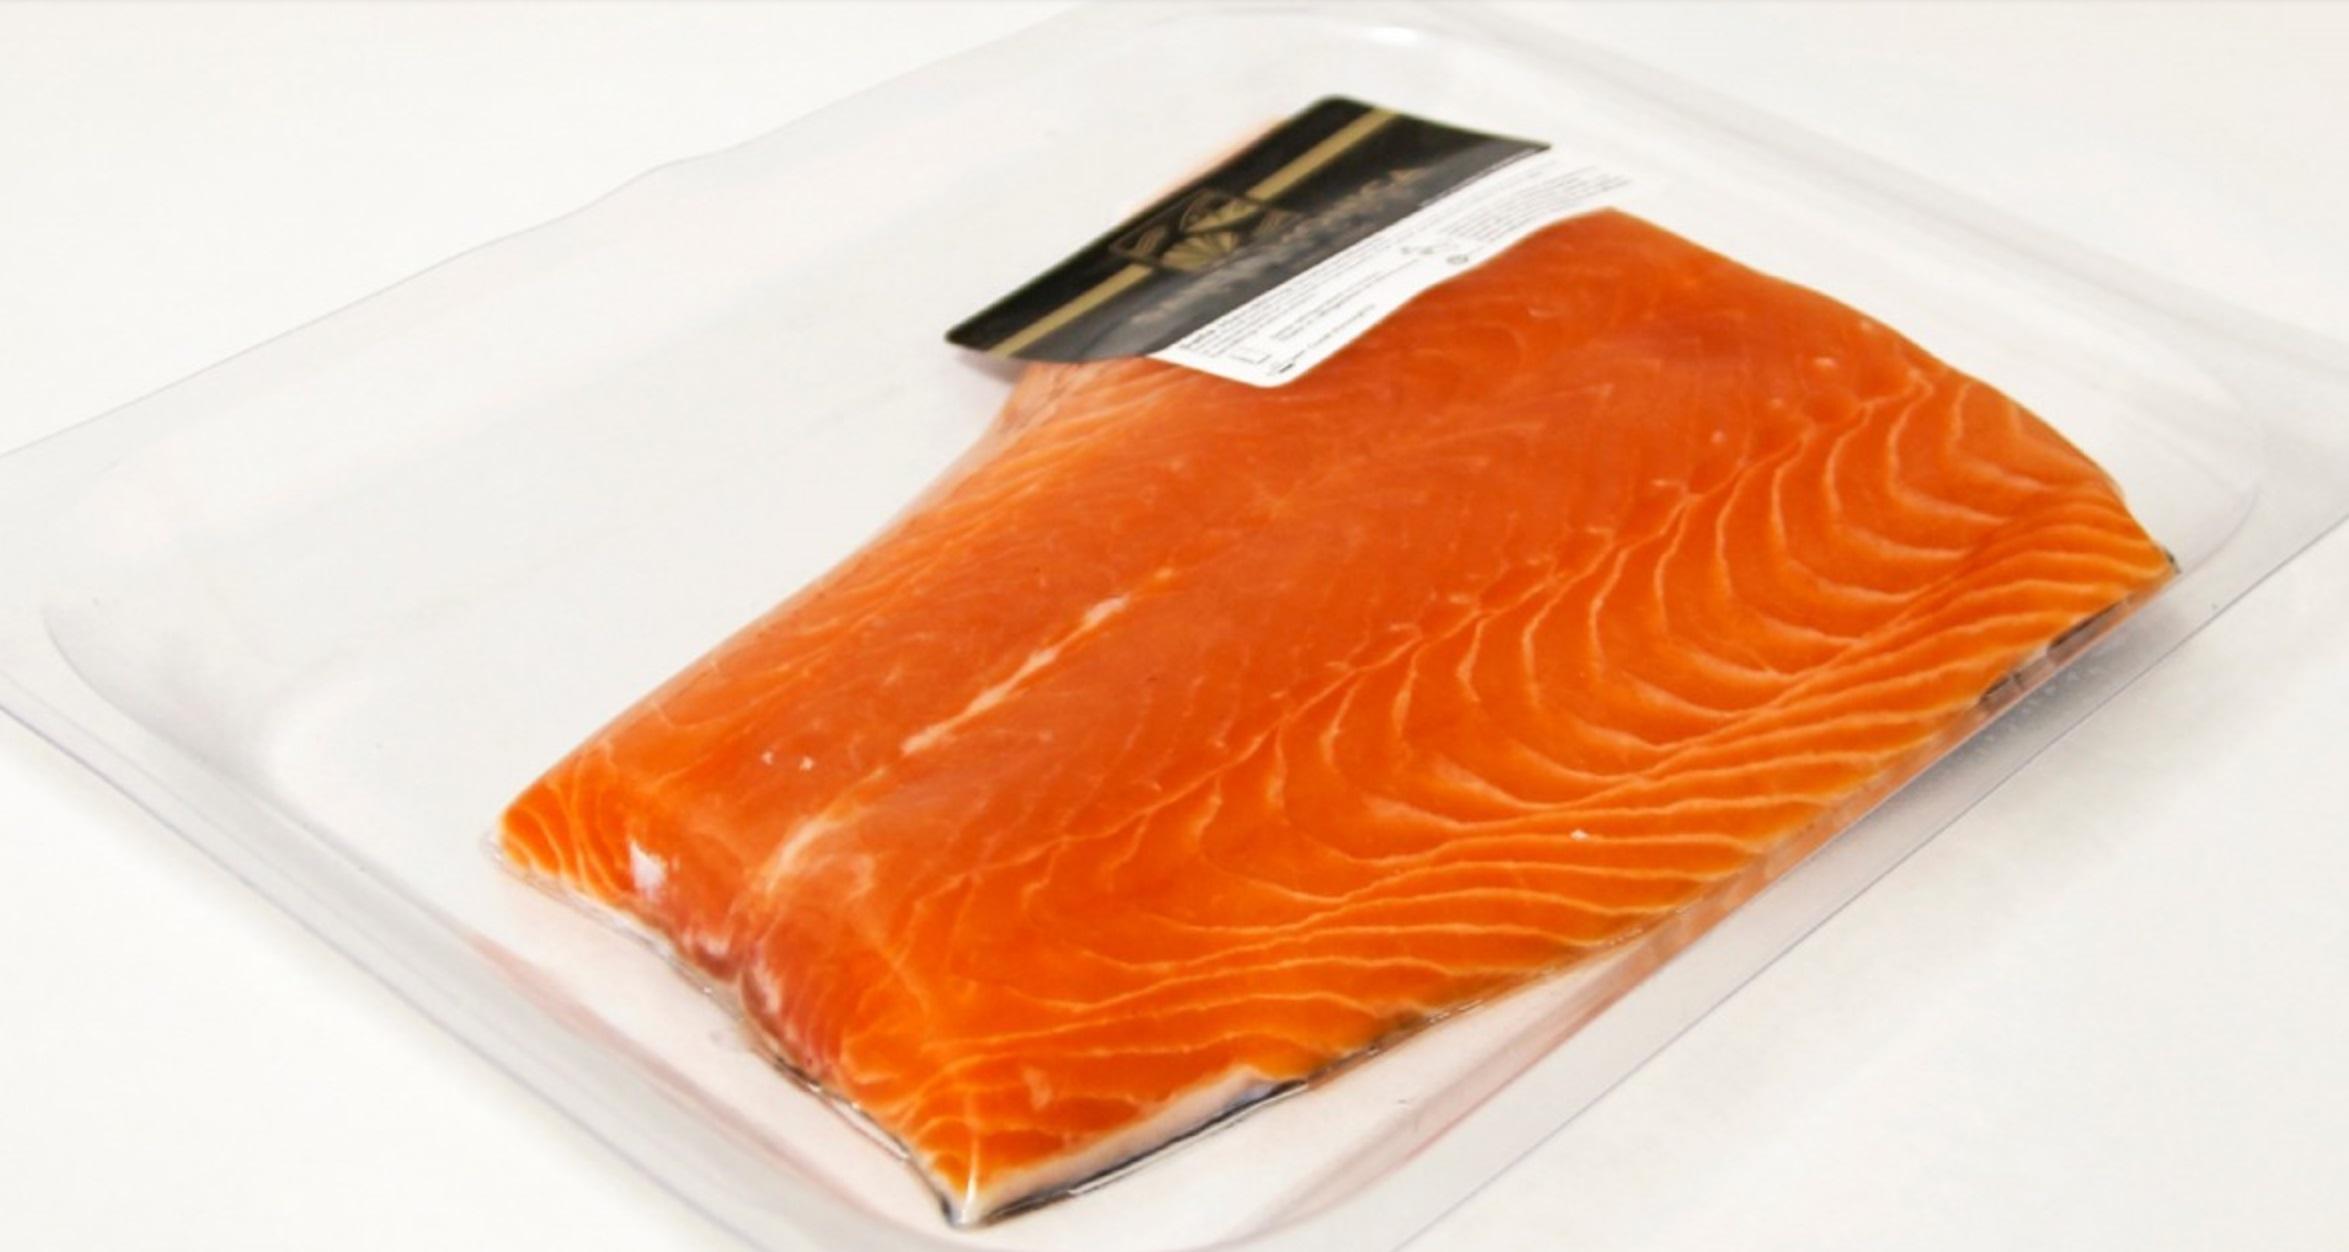 Santa monica to acquire seattle fish company of new mexico for Santa monica fish company